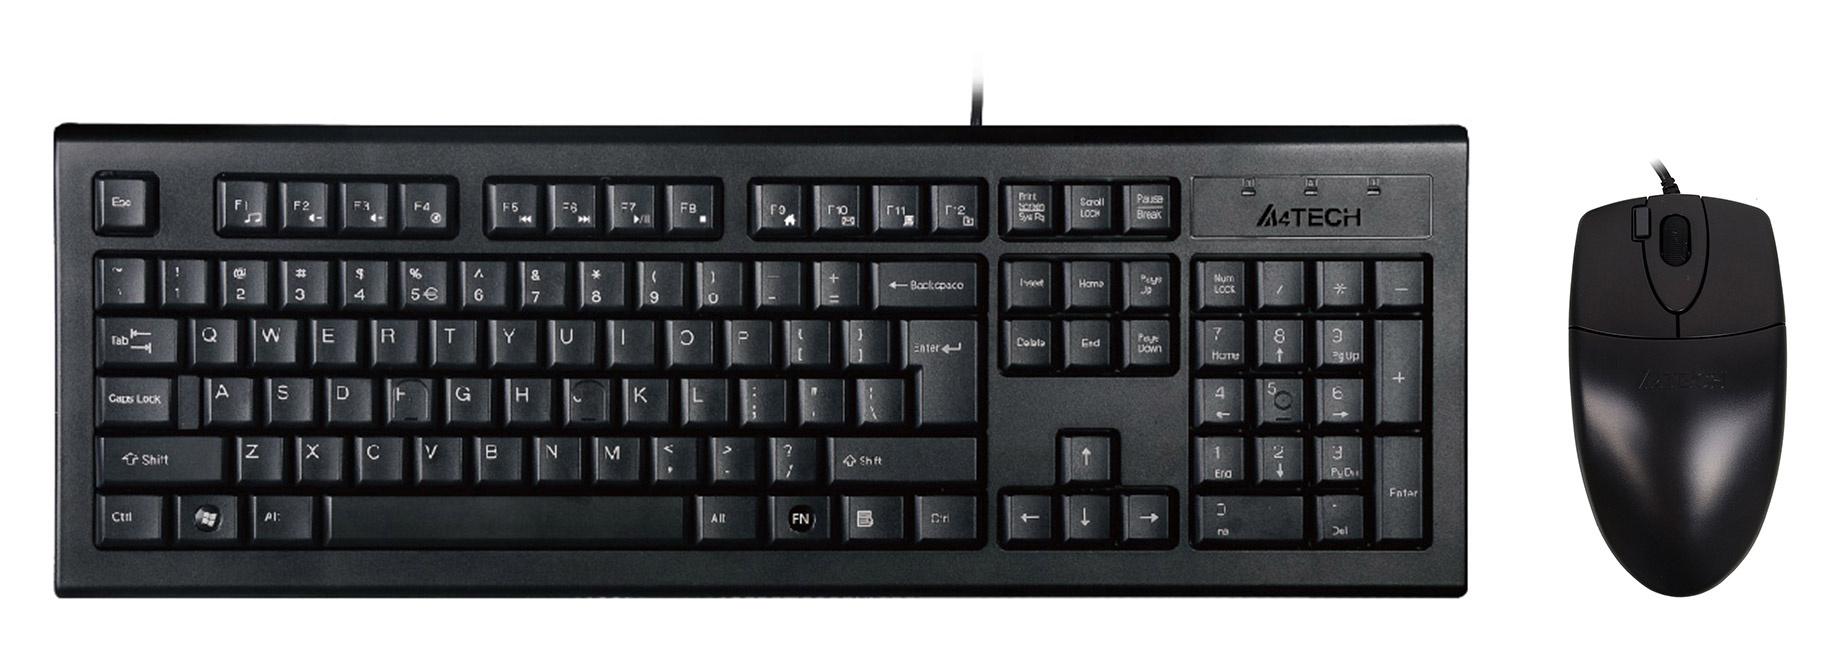 Клавиатура + мышь A4 KR-8520D клав:черный мышь:черный USB